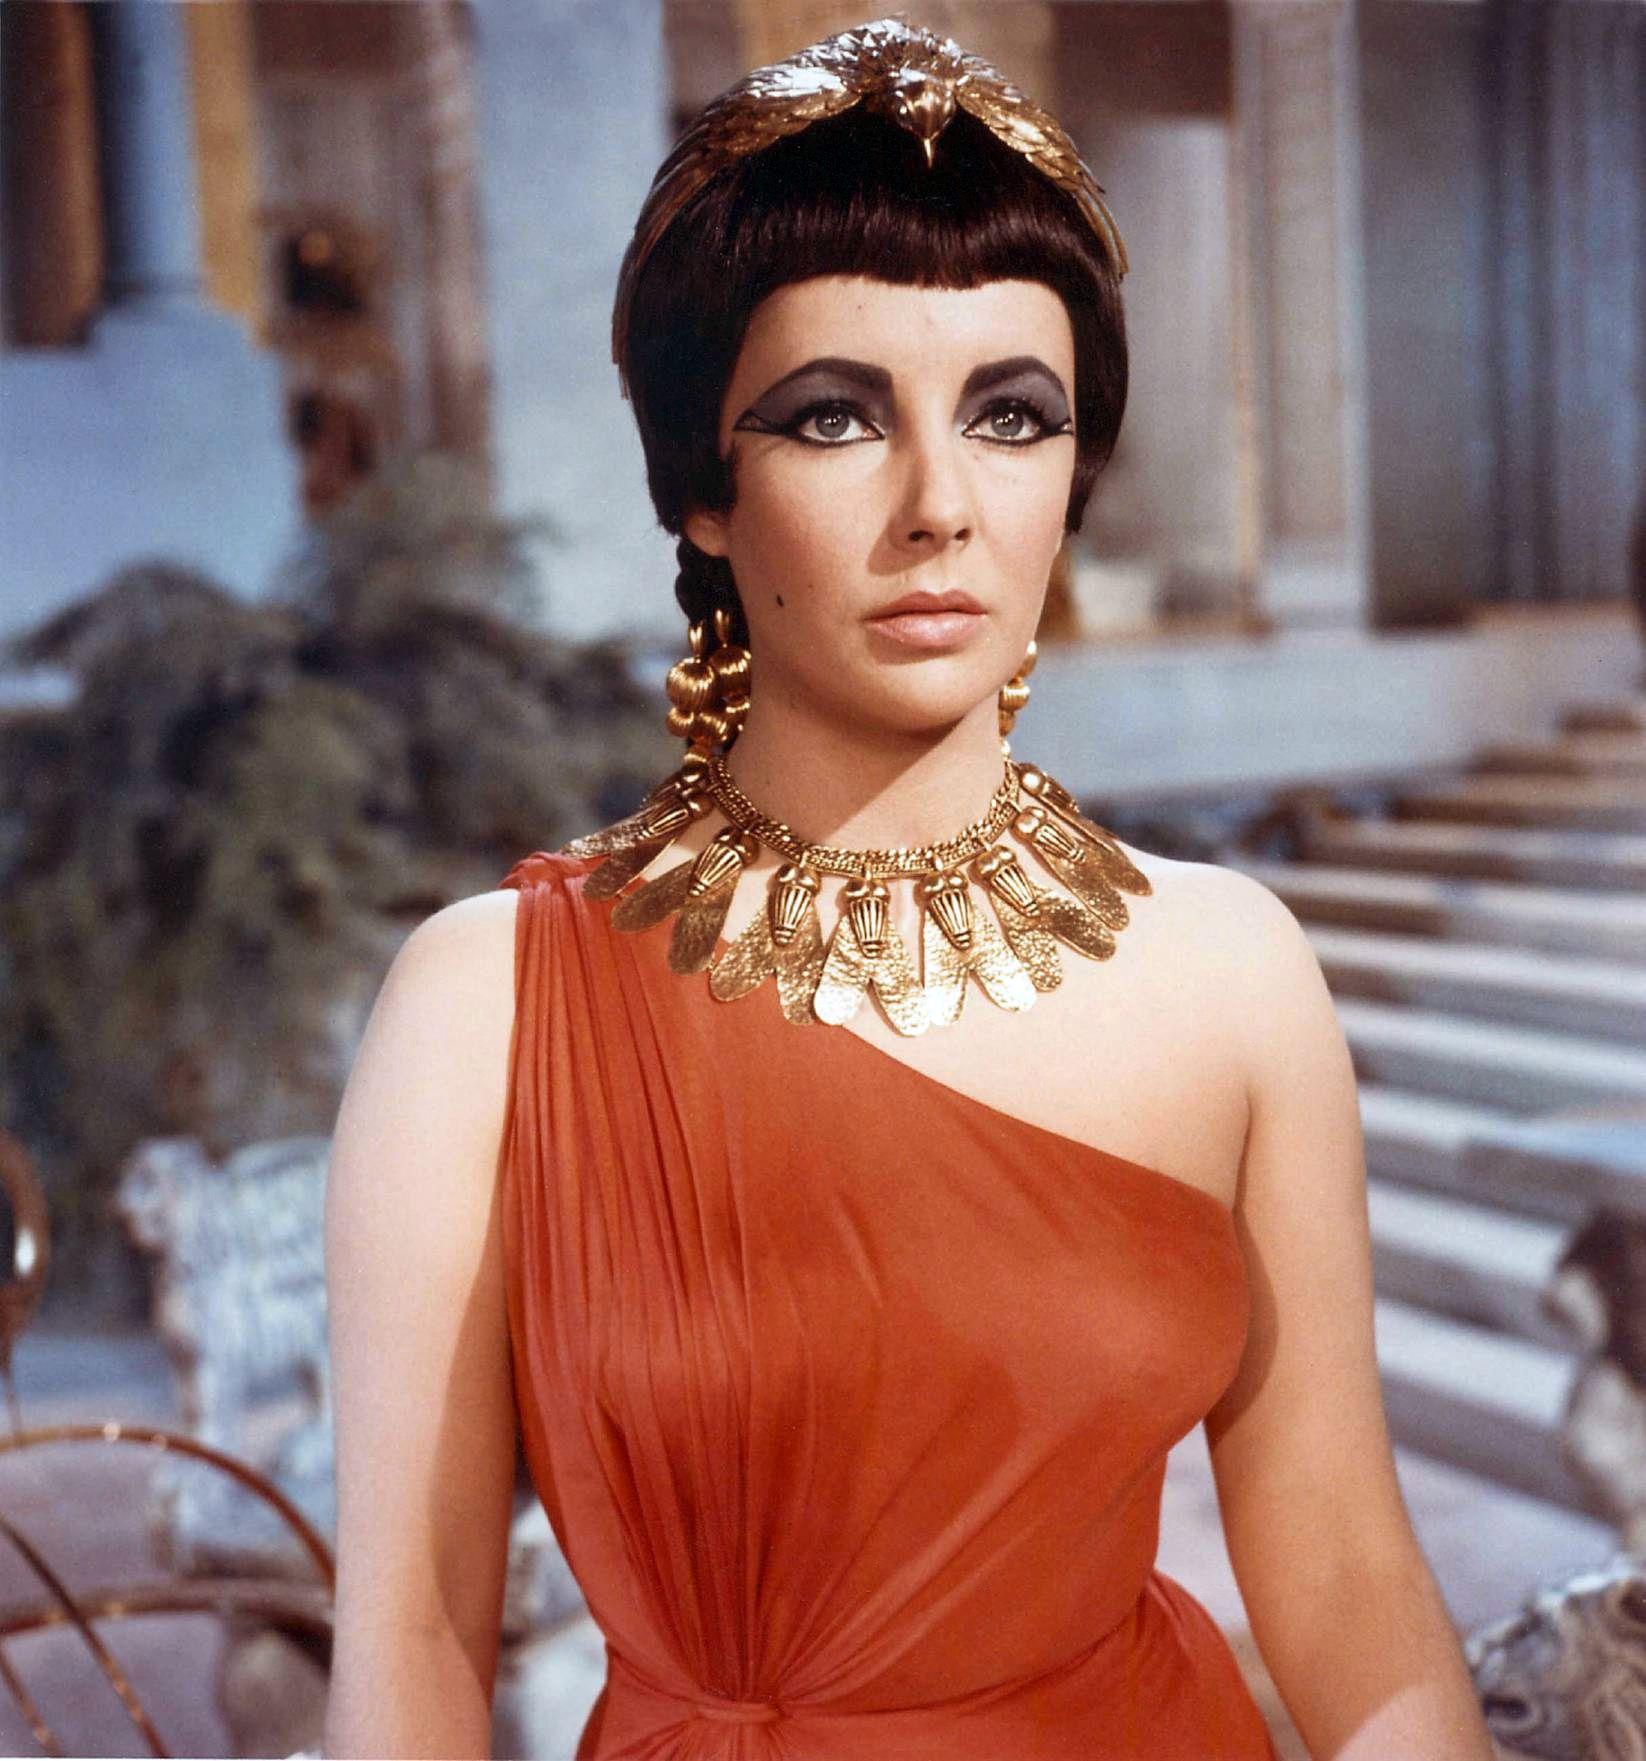 Liz Taylor som Cleopatra i den ikoniske filmen fra 1963.